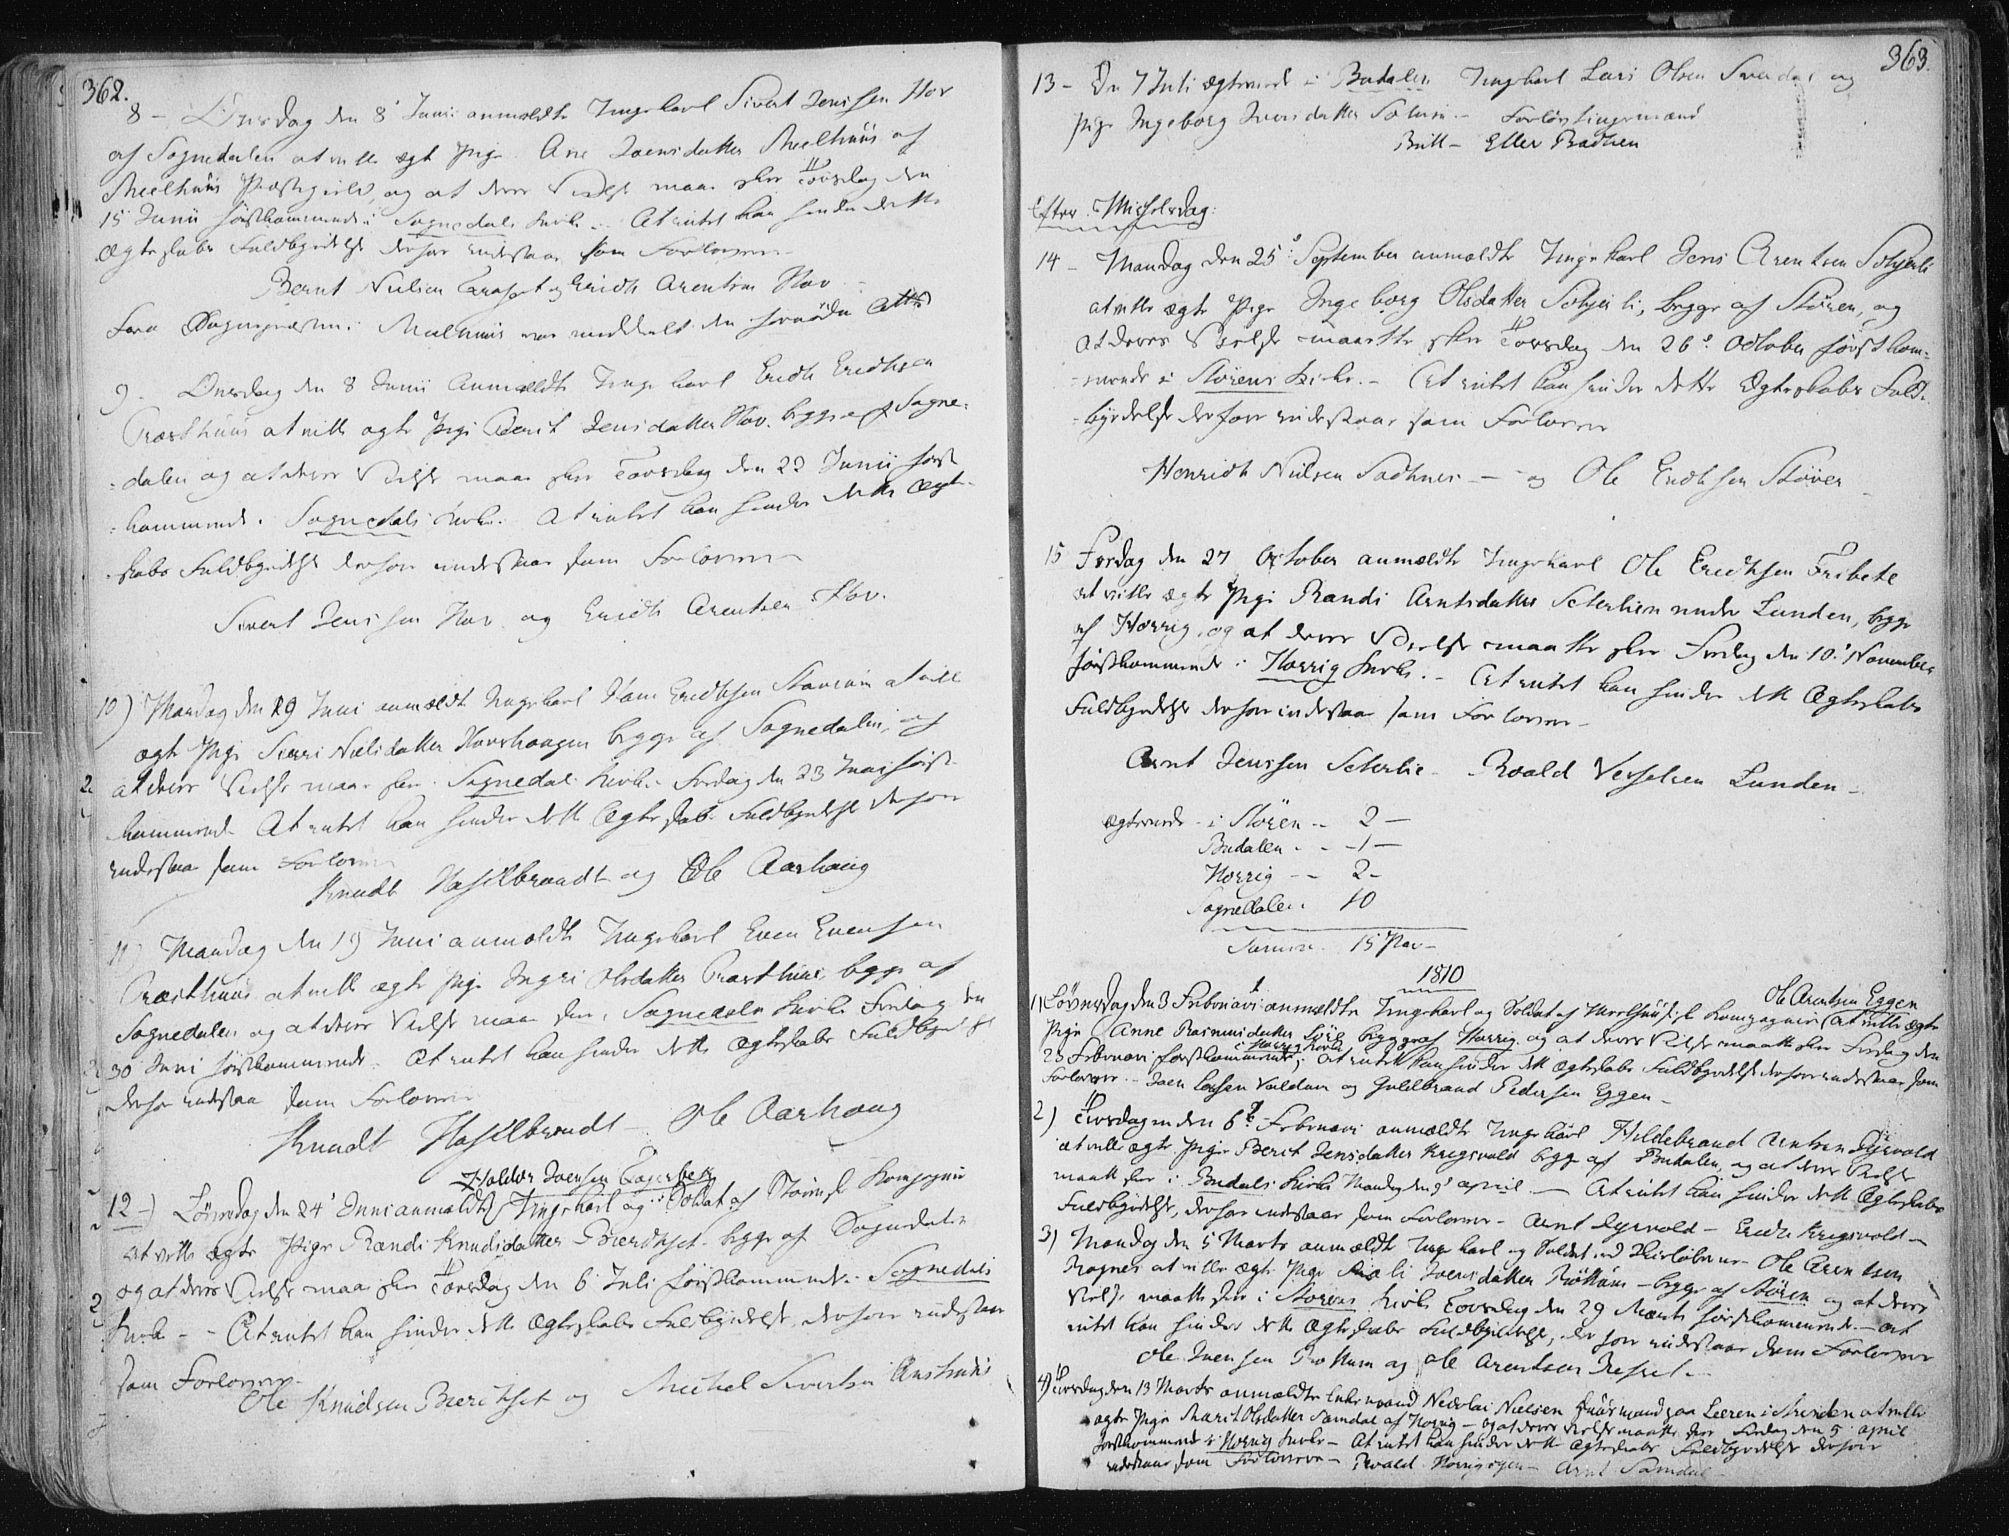 SAT, Ministerialprotokoller, klokkerbøker og fødselsregistre - Sør-Trøndelag, 687/L0992: Ministerialbok nr. 687A03 /1, 1788-1815, s. 362-363